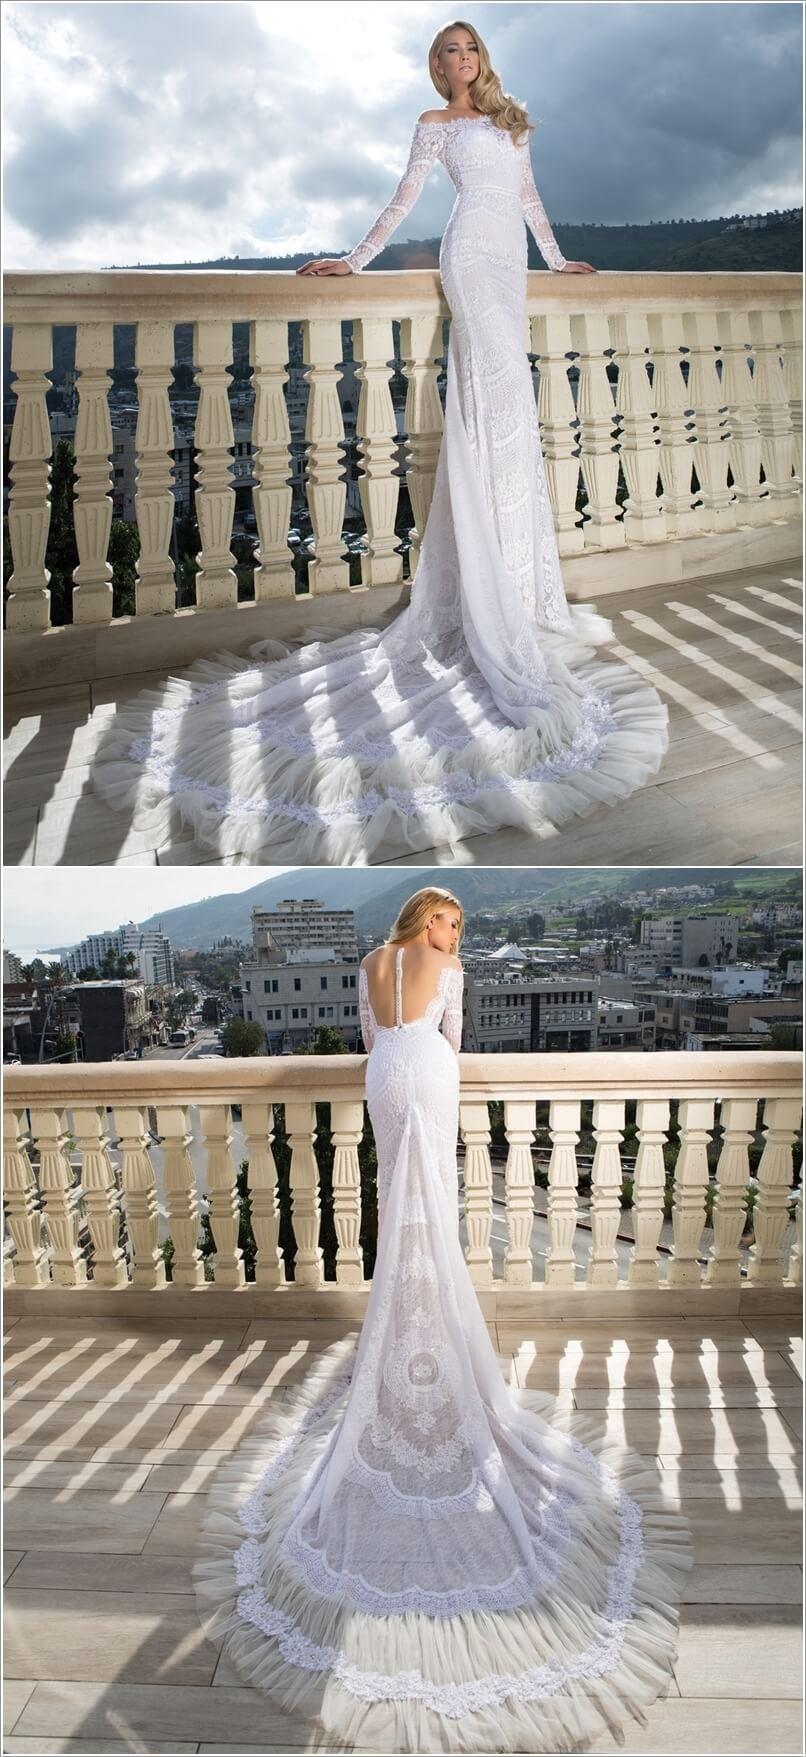 اجمل فساتين ليله العمر باجمل التصاميم لعروسه 2016